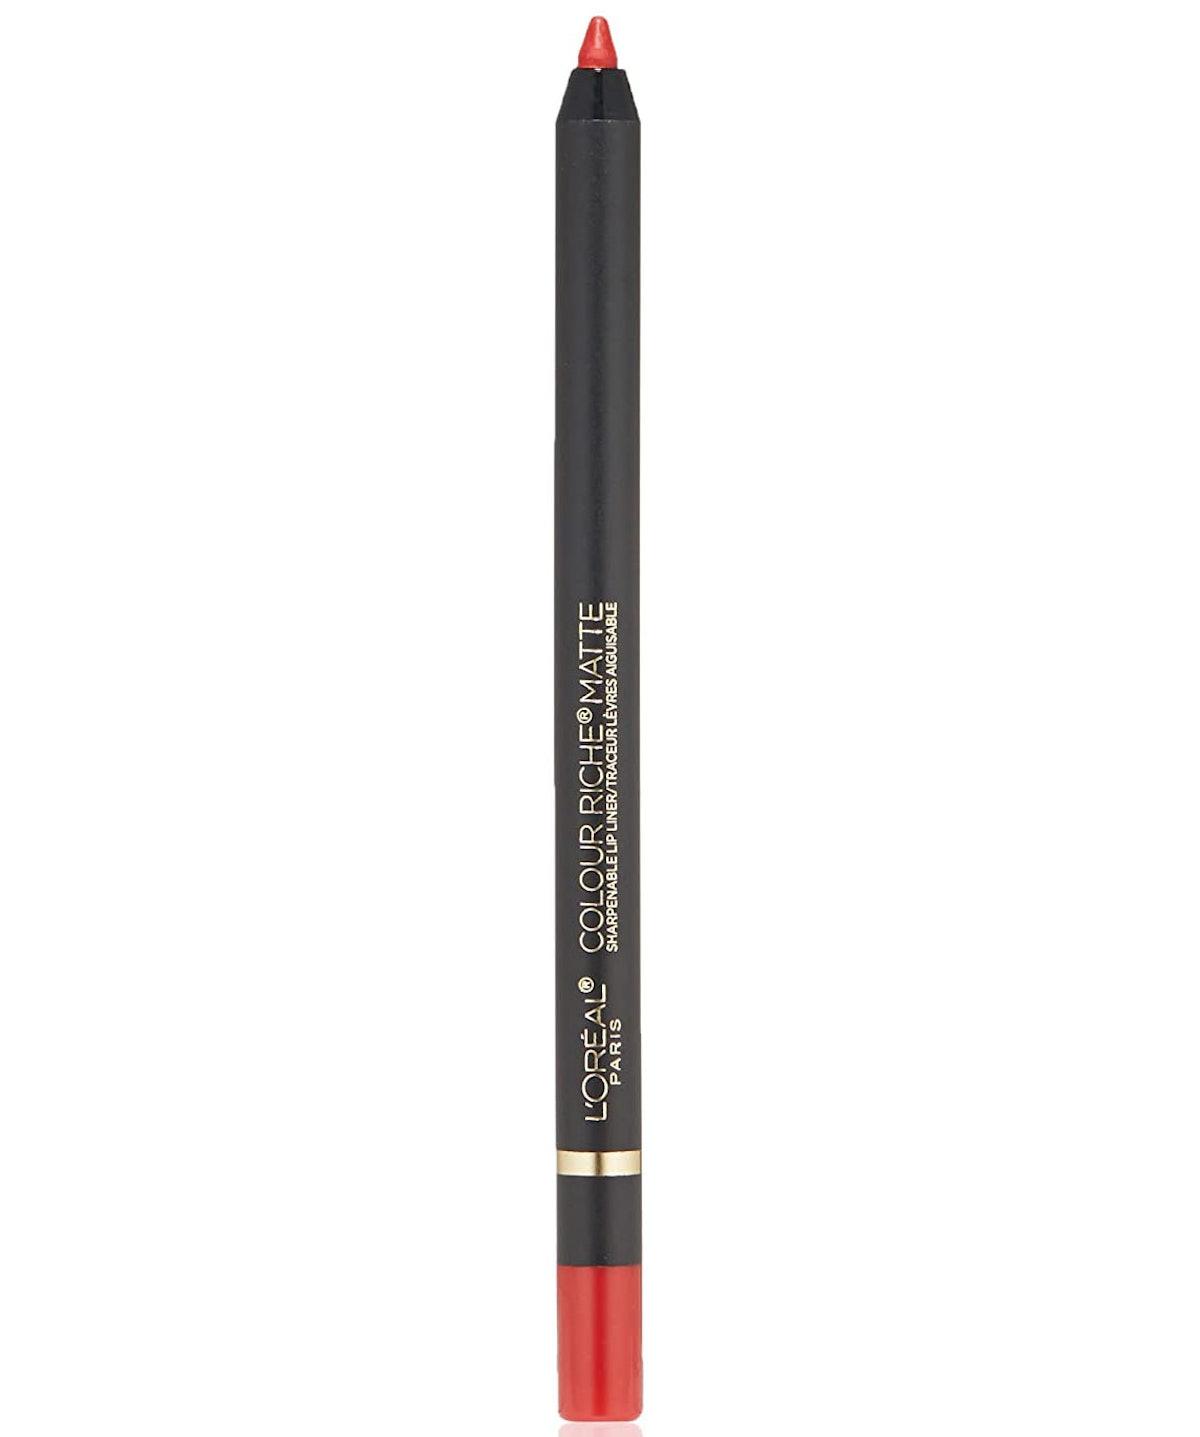 L'Oréal Paris Colour Riche Matte Lip Liner in In-Matte-Uated With You